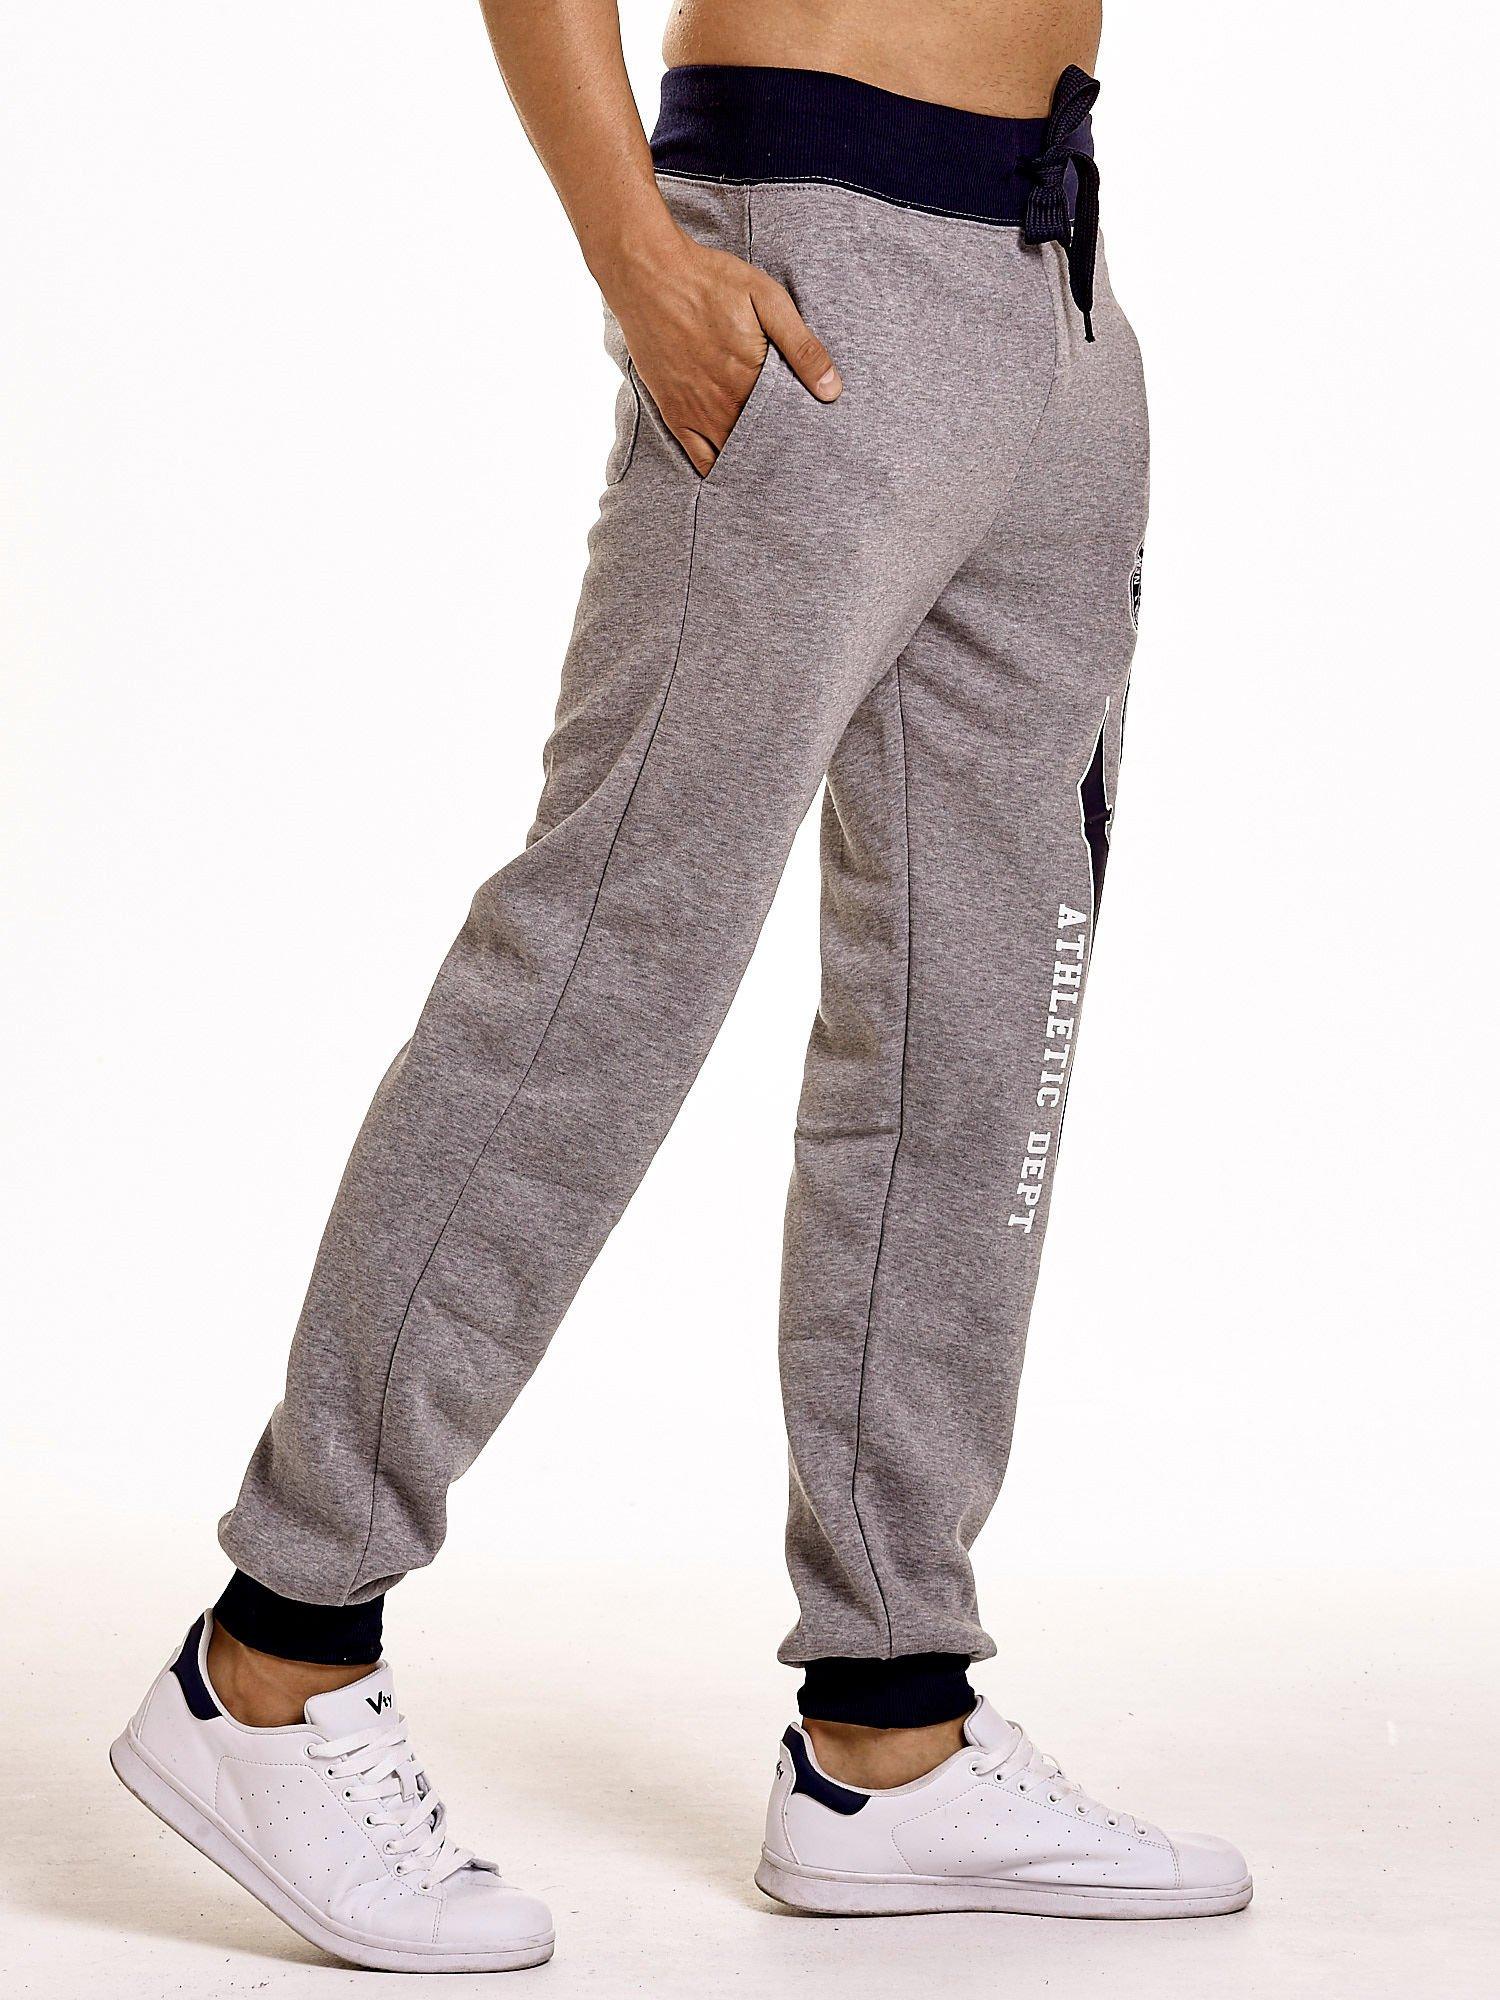 Szare dresowe spodnie męskie z napisem CALIFORNIA i naszywką                                  zdj.                                  3